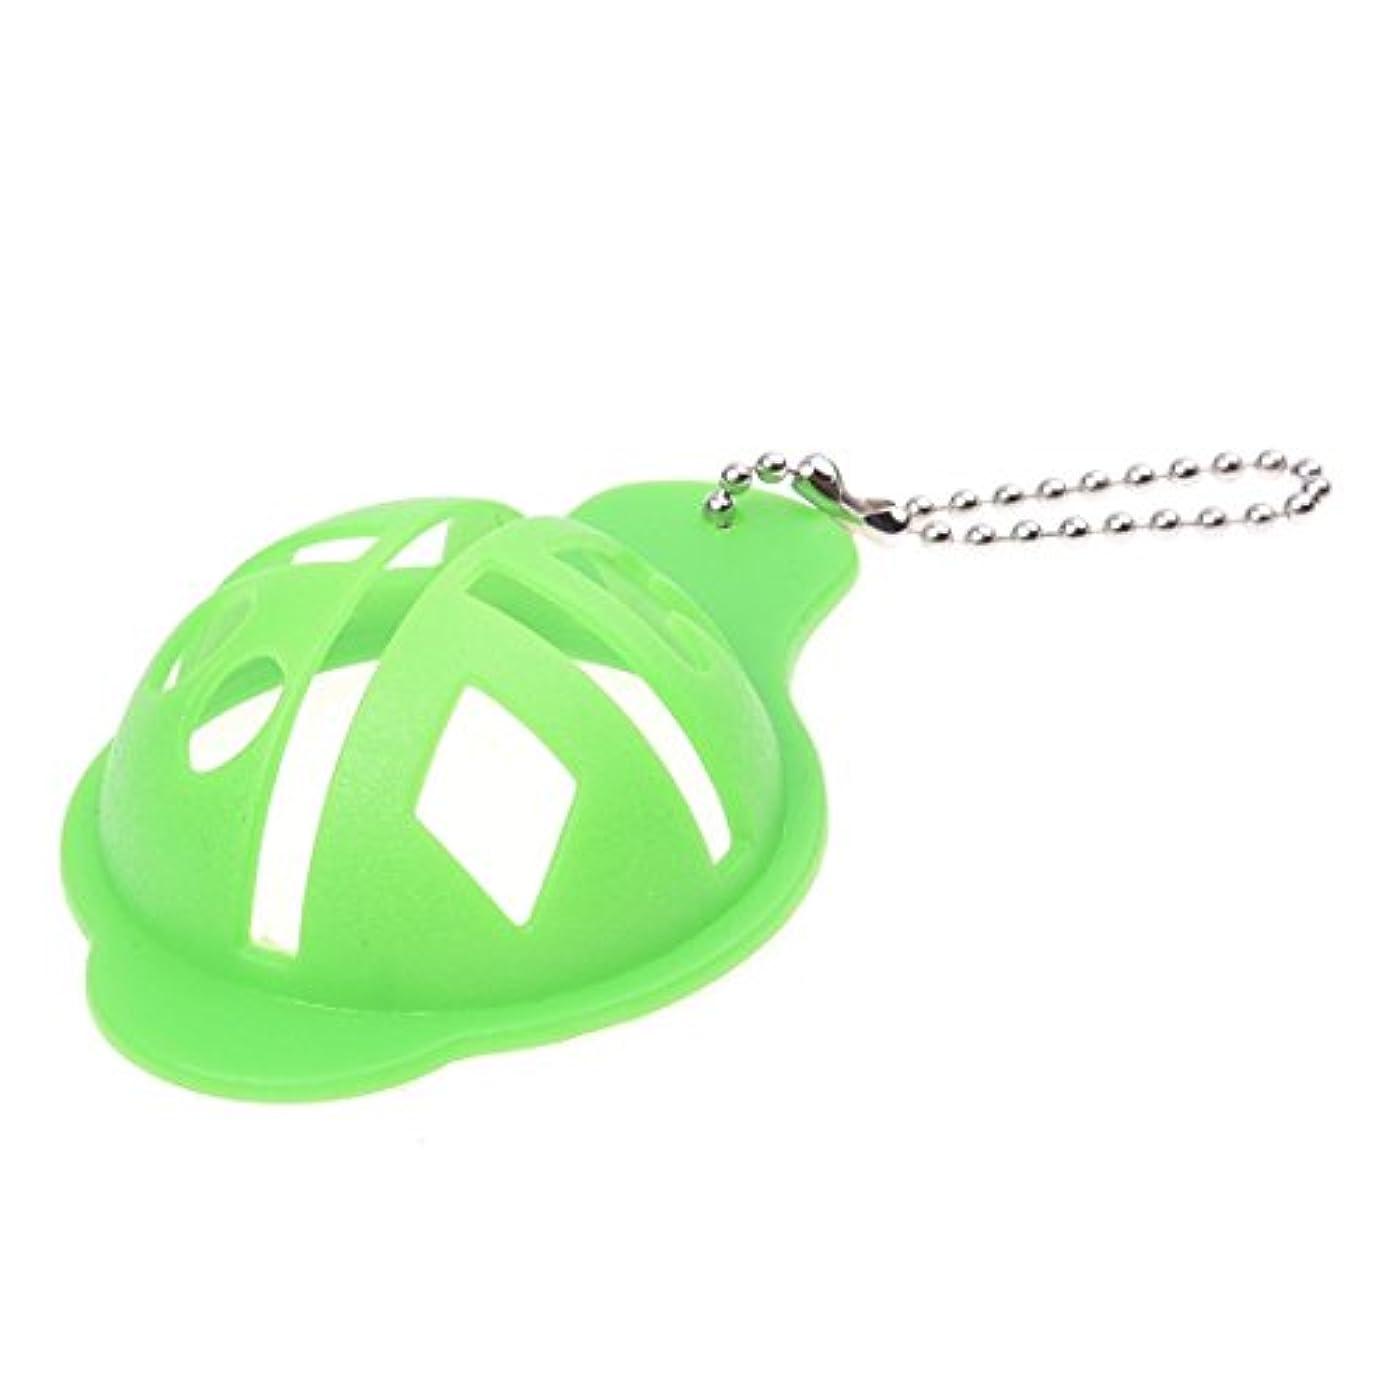 浮く保存銀Naliovker ゴルフボール ラインライナーマーカー テンプレートマーク スポットライナー(緑)